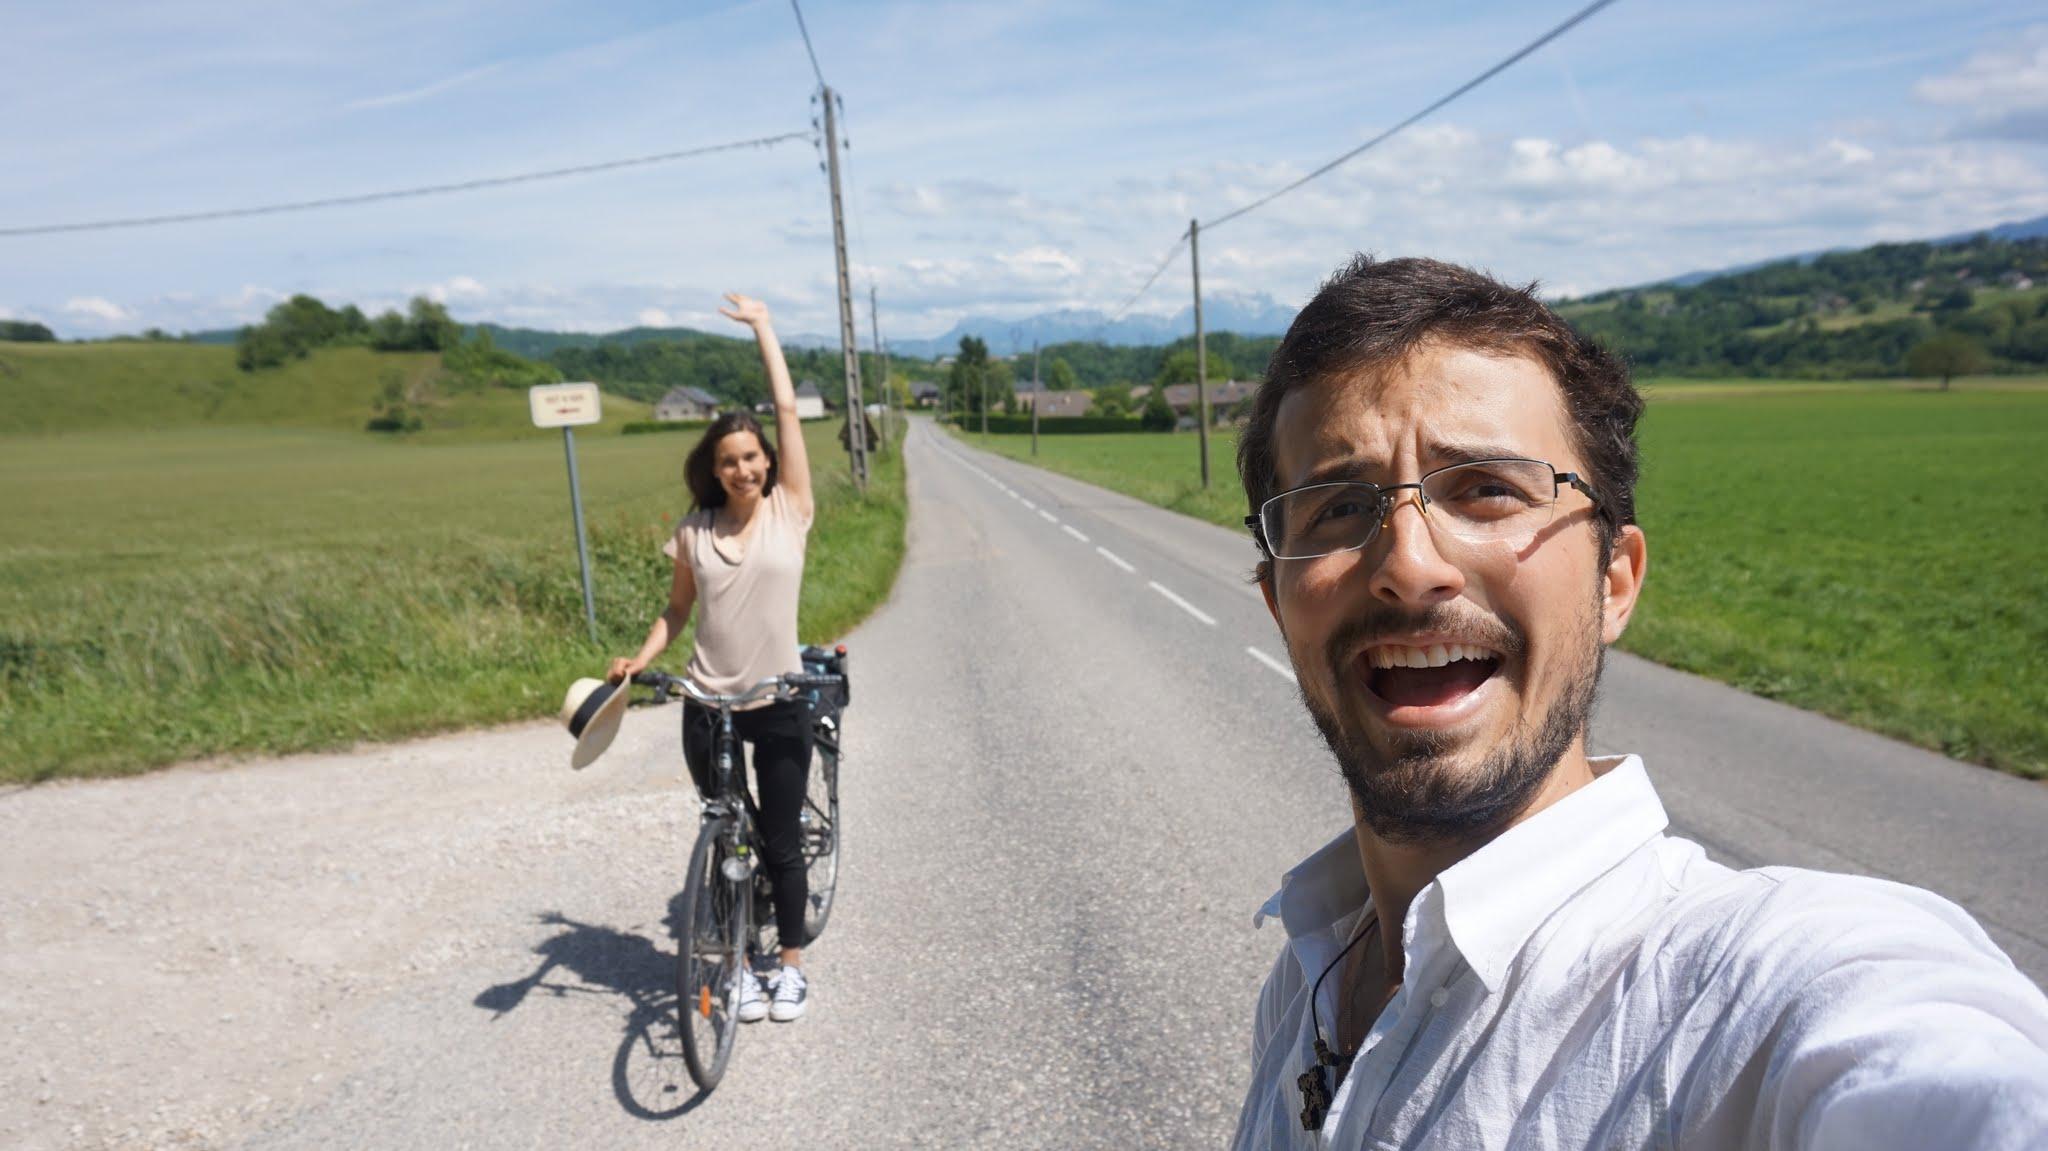 Fericiti pe drum